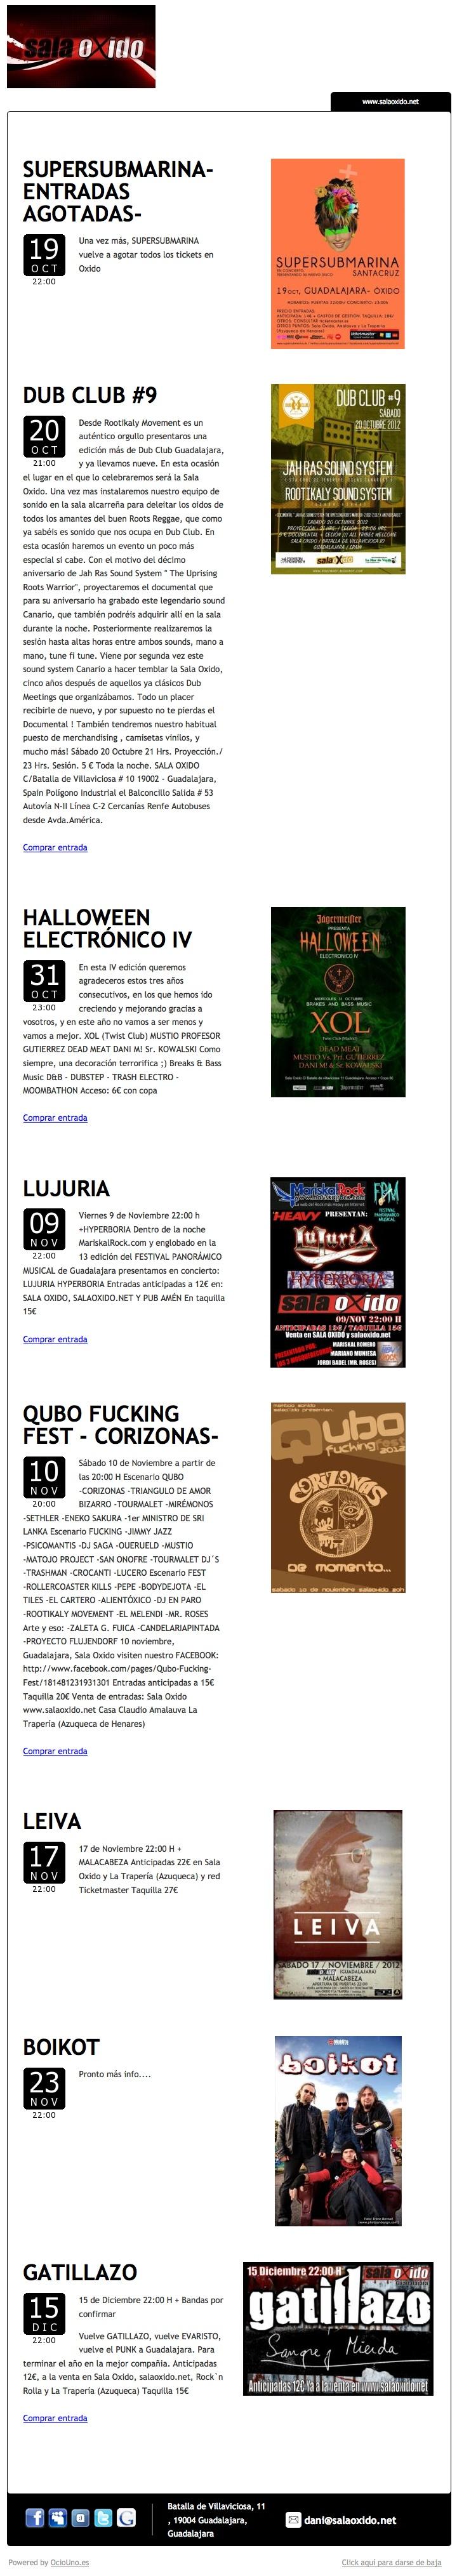 Sala Oxido, Guadalajara, informa de sus próximos conciertos mediante newsletter utilizando OcioUno - y también para la venta de entradas. Más información en: www.ociouno.es.